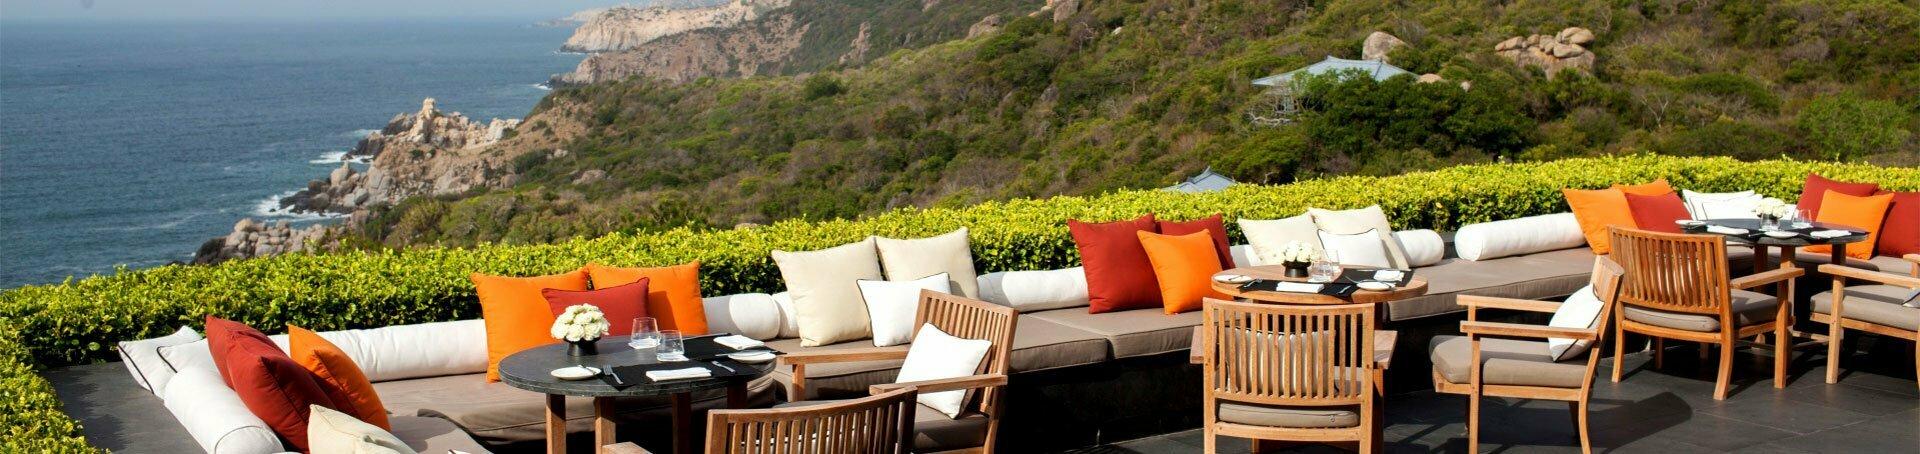 Terrasse avec sofa et table chic face à la mer